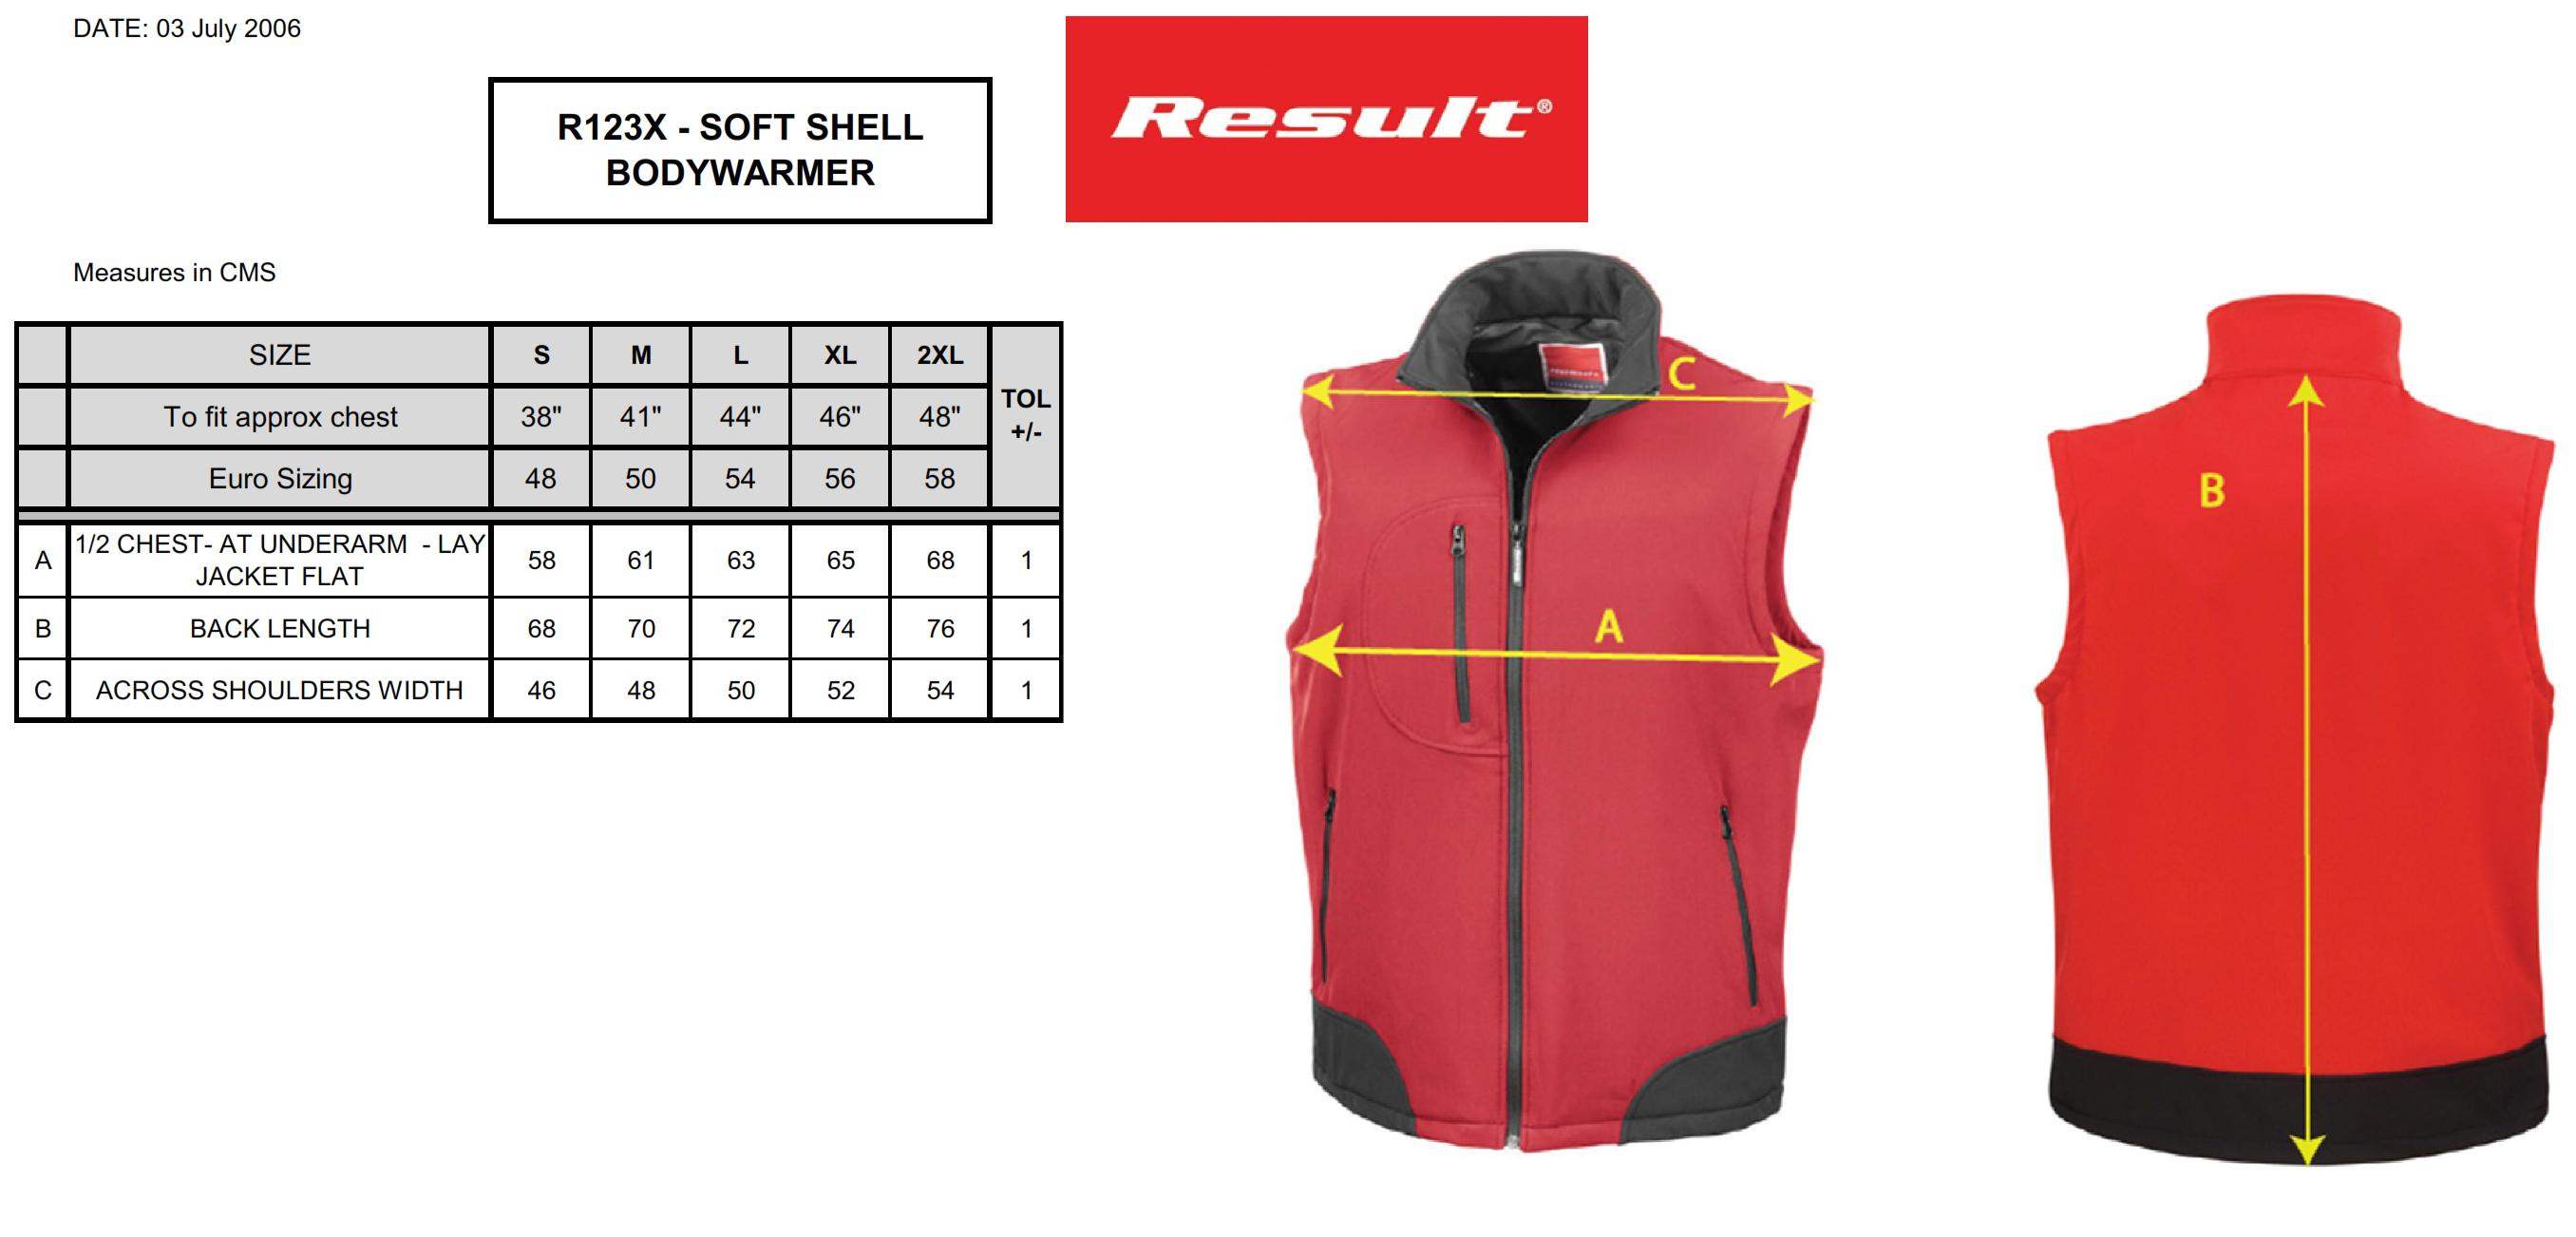 Result: Soft Shell Bodywarmer R123X